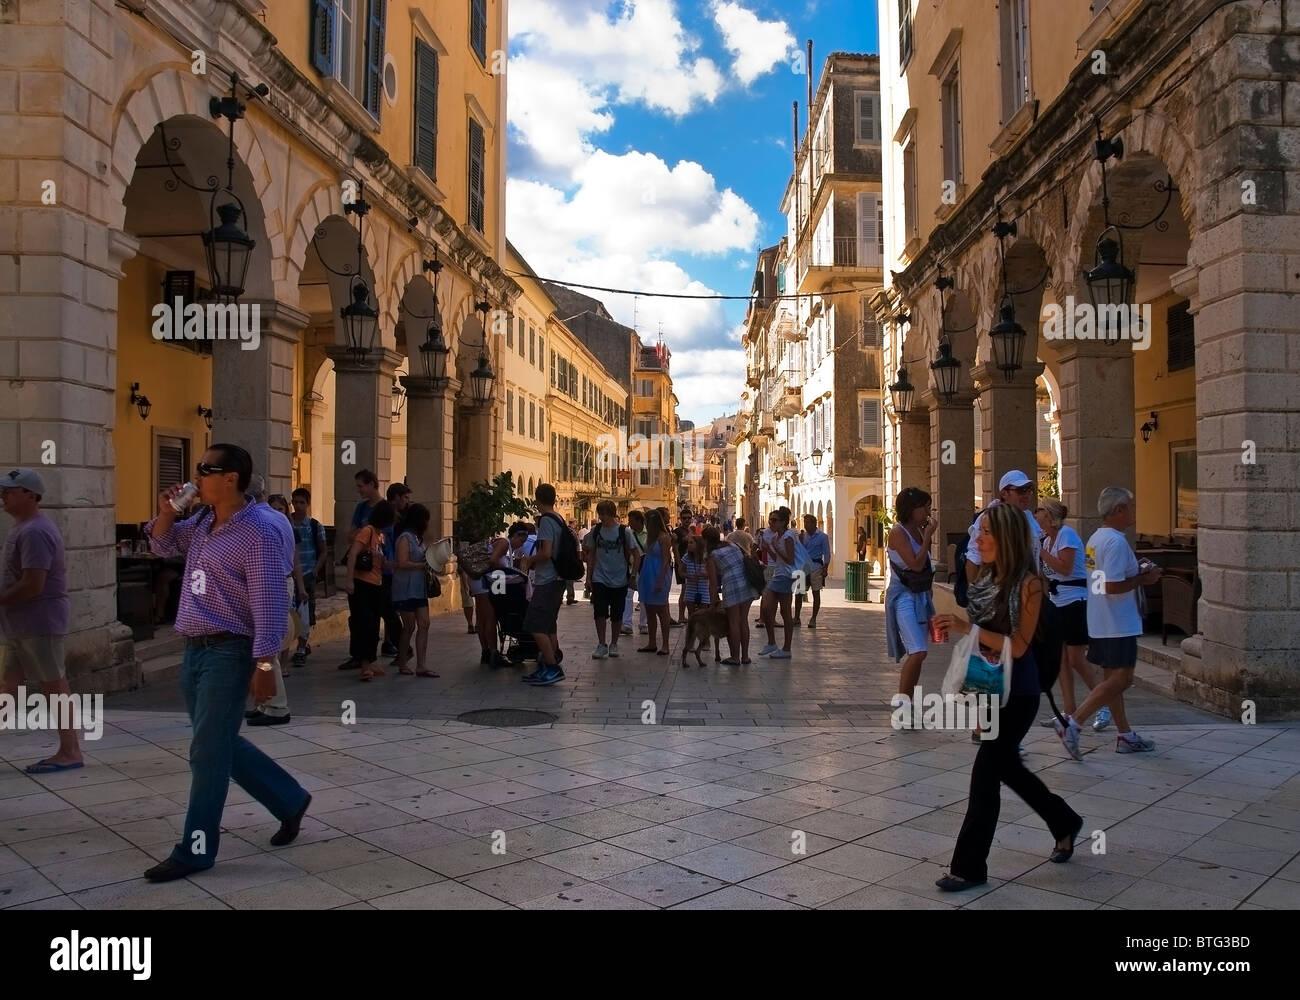 Corfu Town. - Stock Image